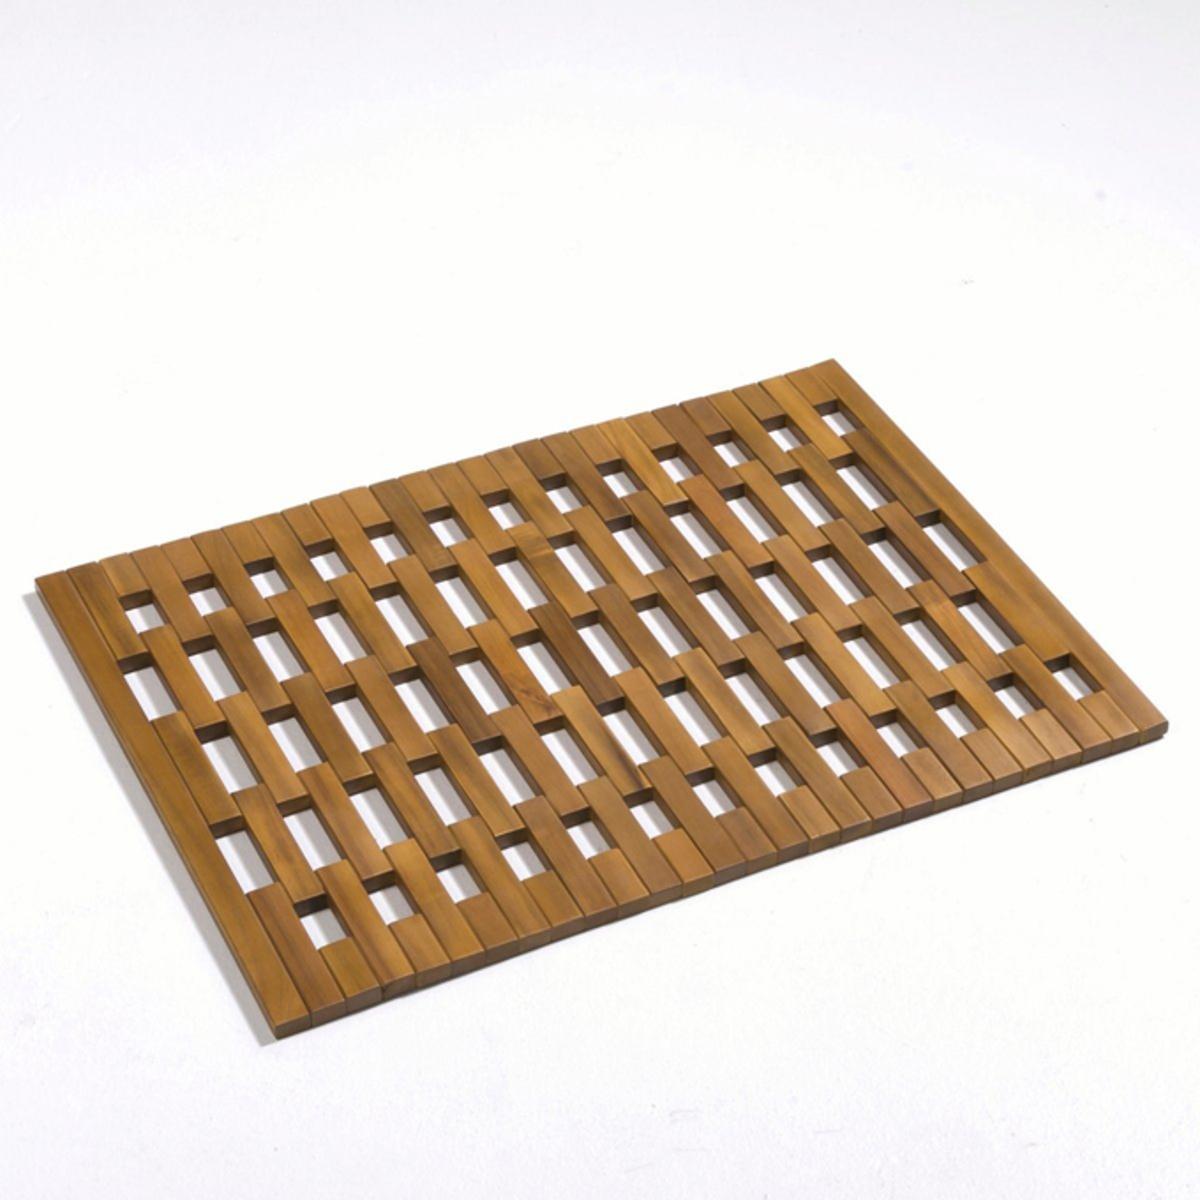 Решетка на пол ванной комнаты, из акацииХарактеристики решетки :- Массив акации, масляное покрытие под тик.- Общие. размеры : 70 x 50 см, толщина. 1,5 см.- Вес : 2 кг.<br><br>Цвет: акация